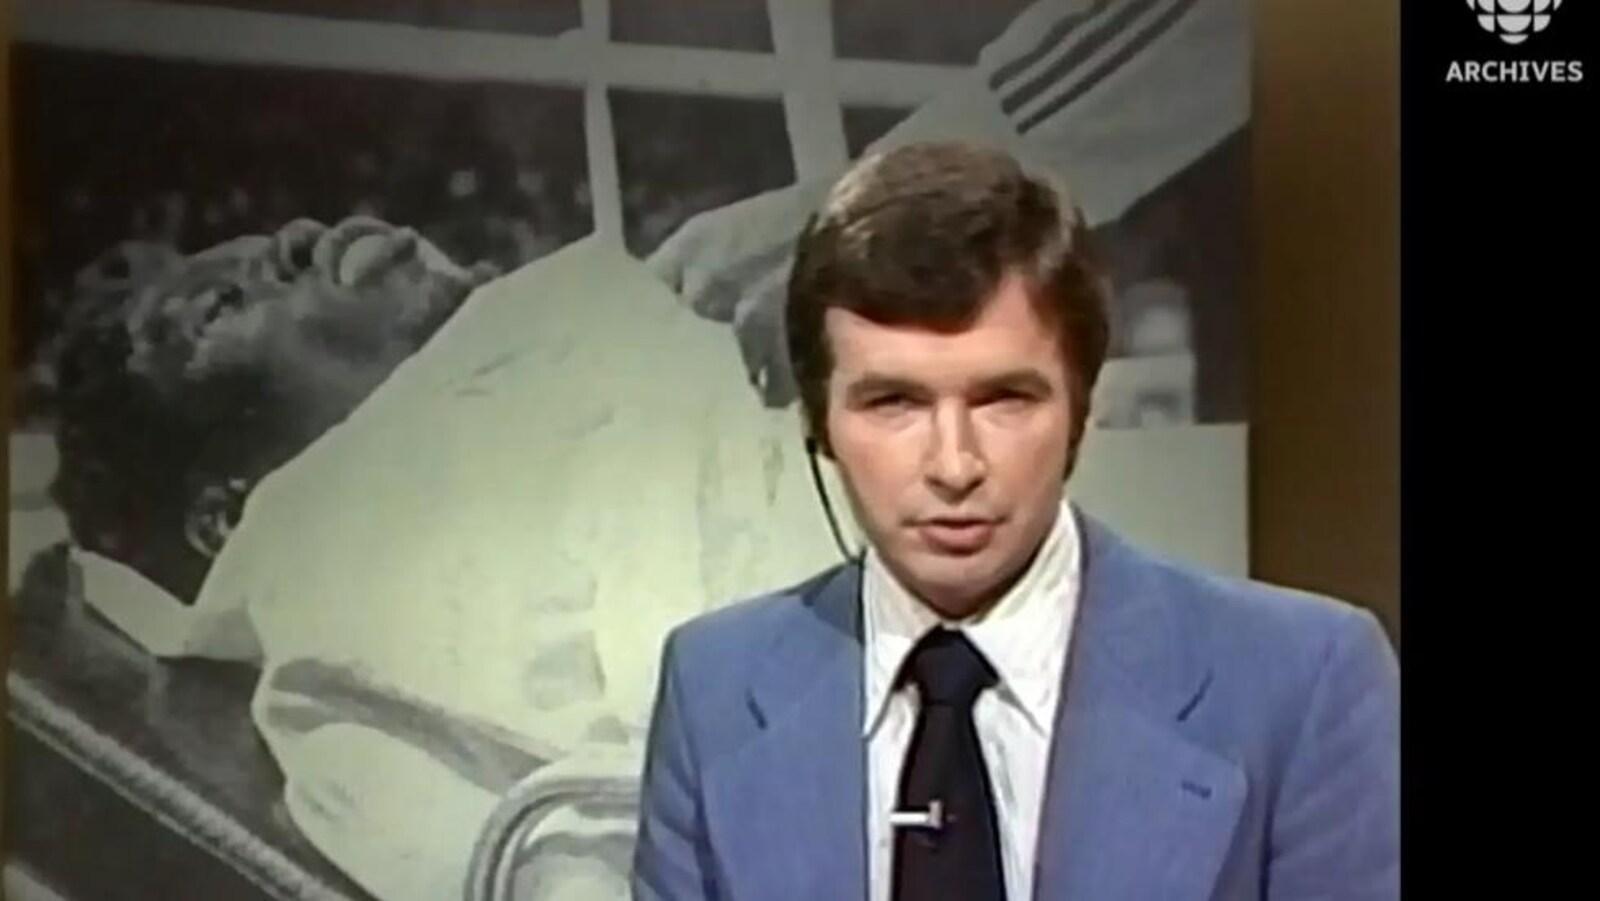 L'animateur Michel Benoît présente un reportage sur l'état de santé de Cleveland Denny.  Dans une mortaise à l'arrière de l'animateur, il y a une image de Cleveland Denny couché dans une civière.